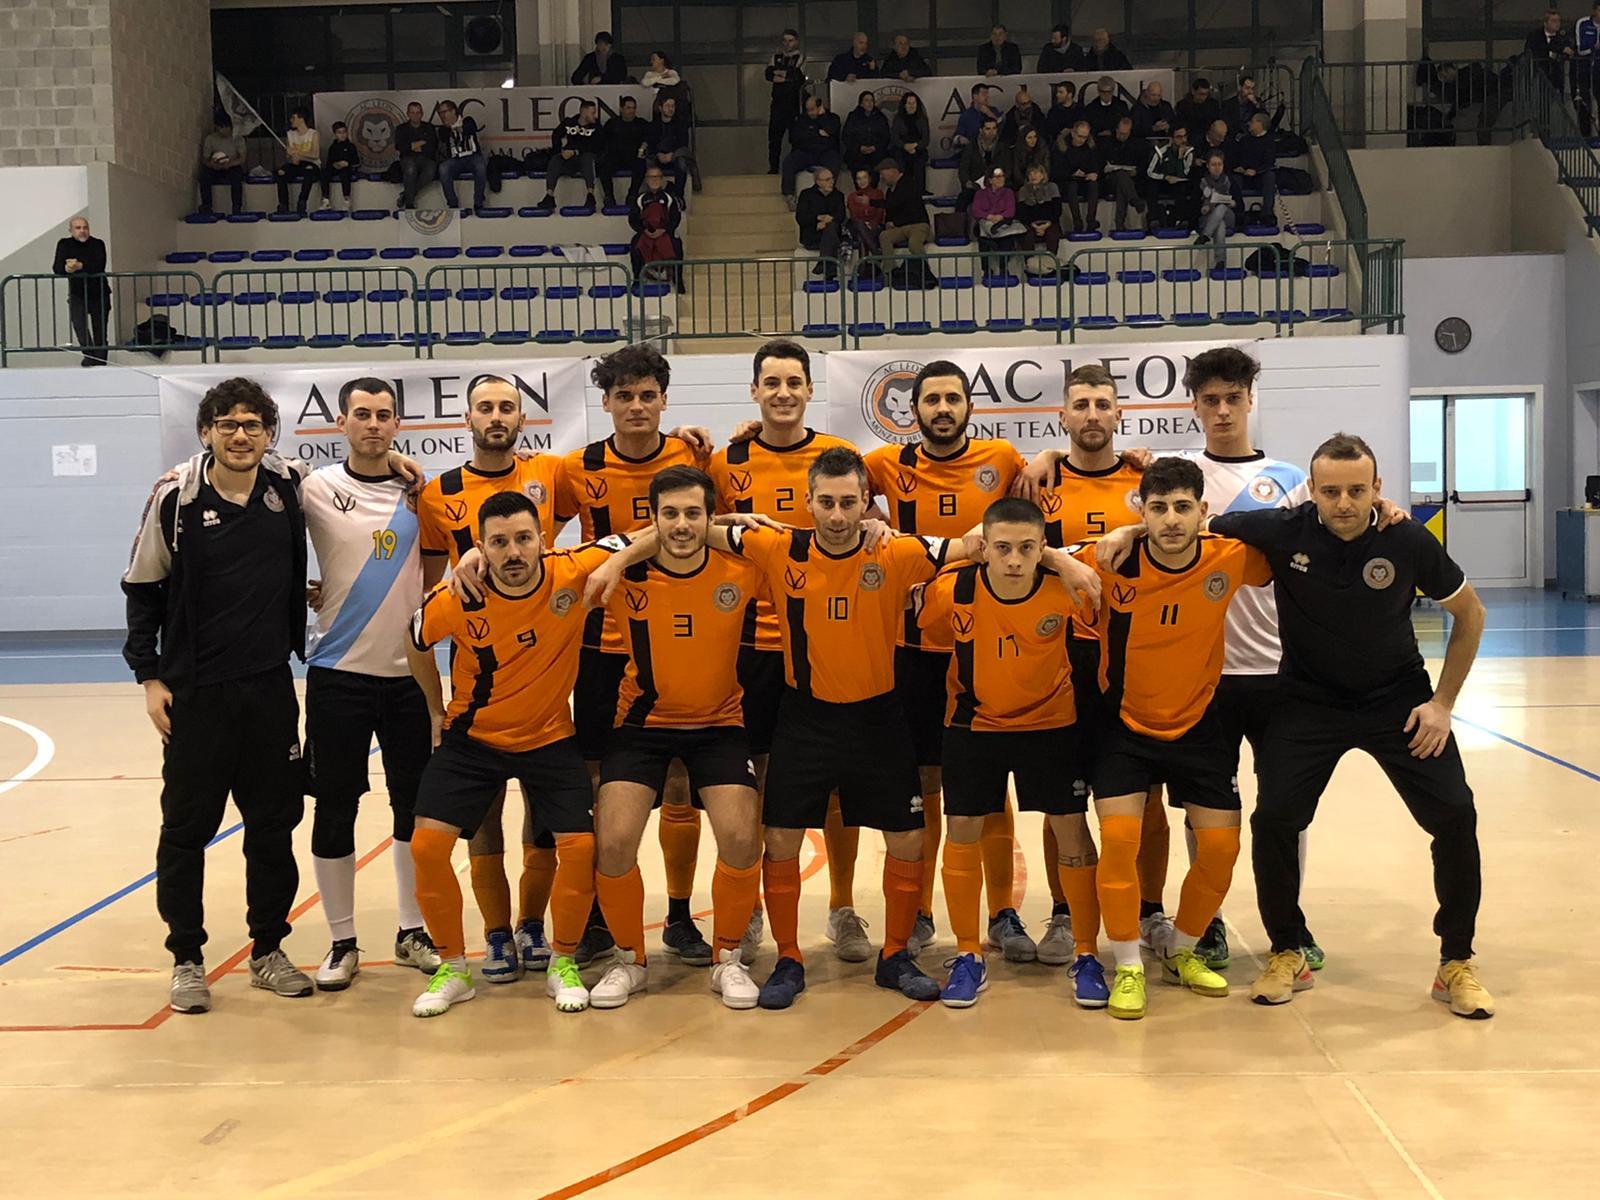 CALCIO A 5 SERIE C1 16a di campionato CHIGNOLESE vs LEON 3-5 (PT 3-0)